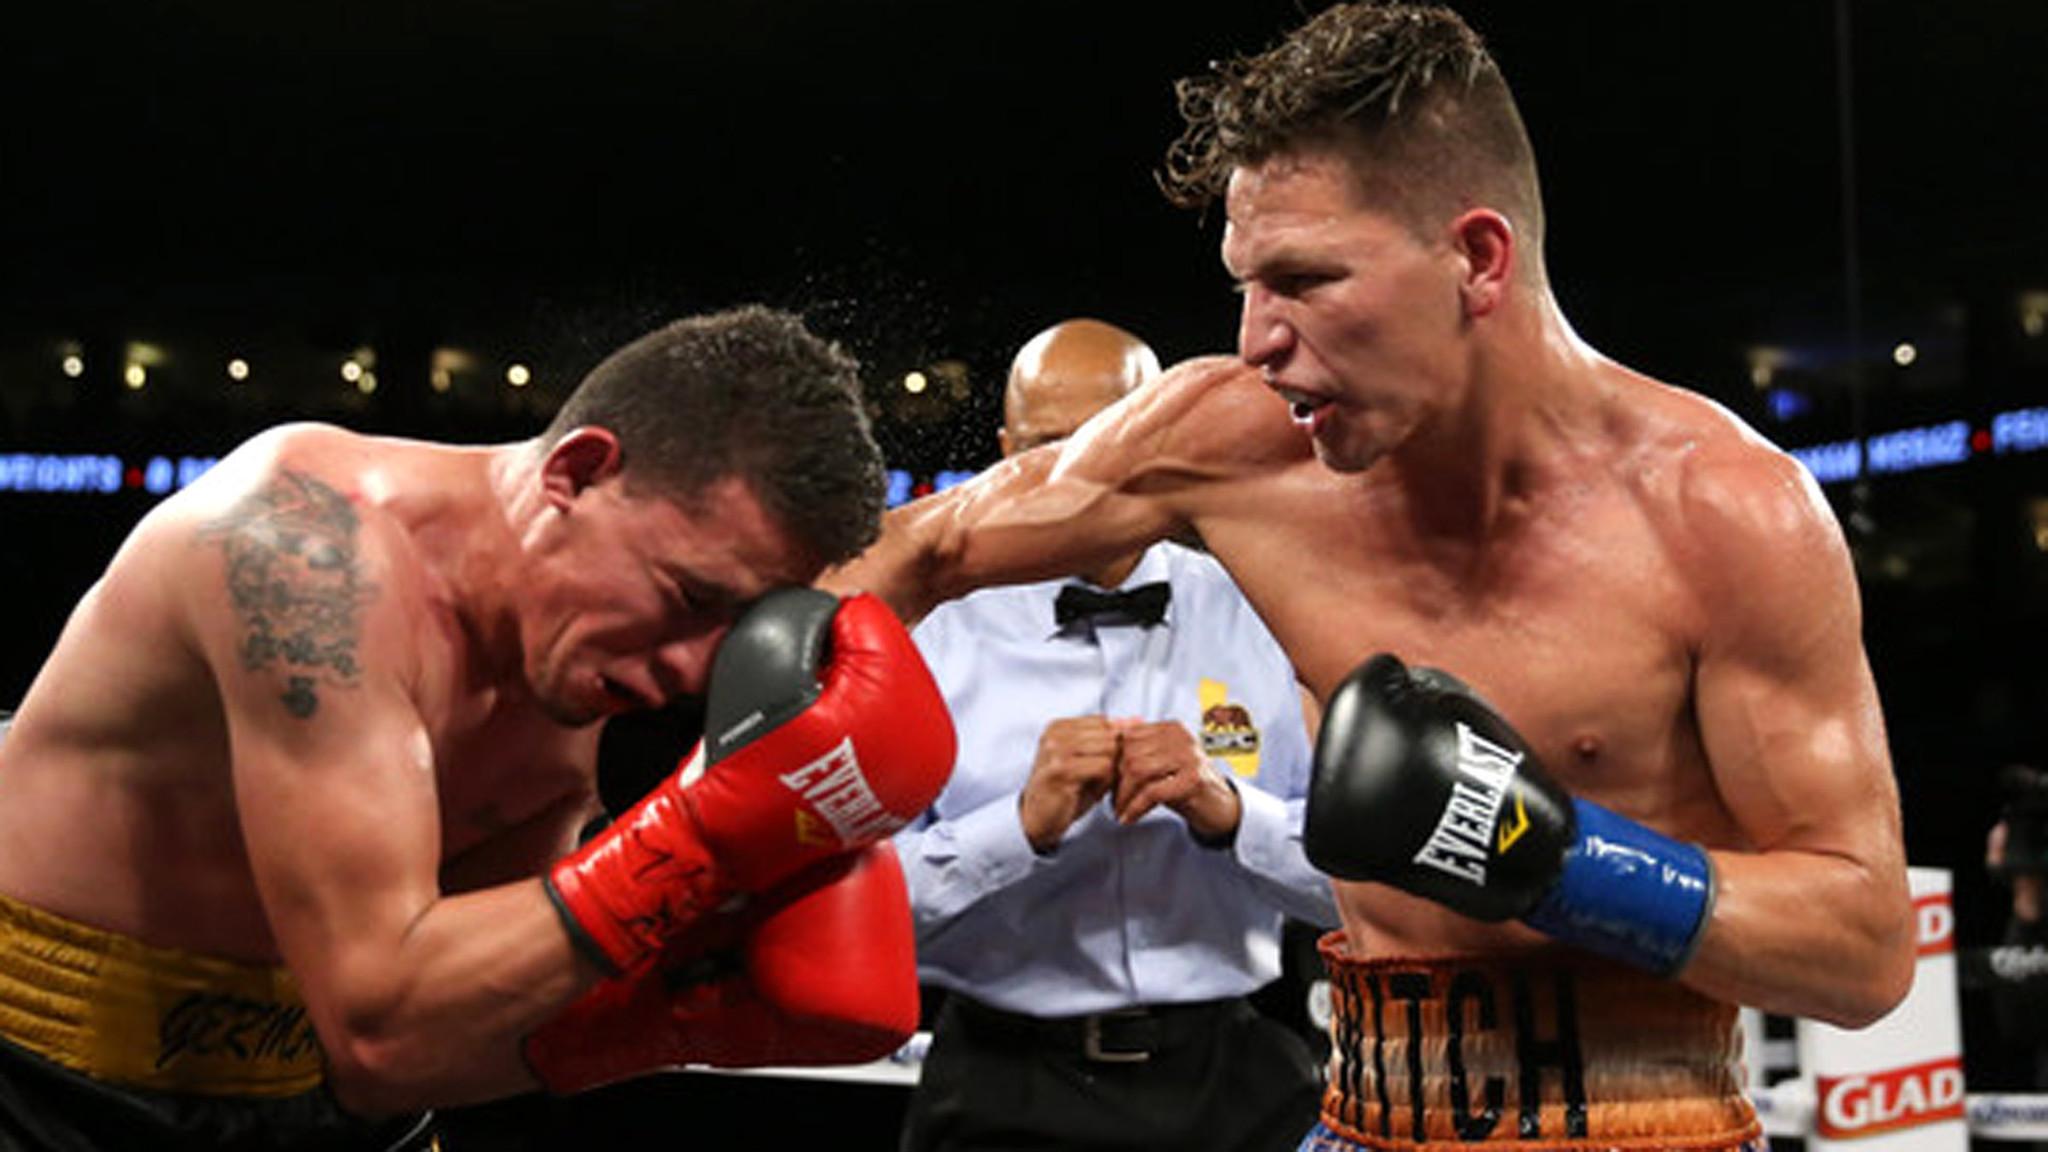 YouTube: El brutal nocaut que dejó en coma a un boxeador